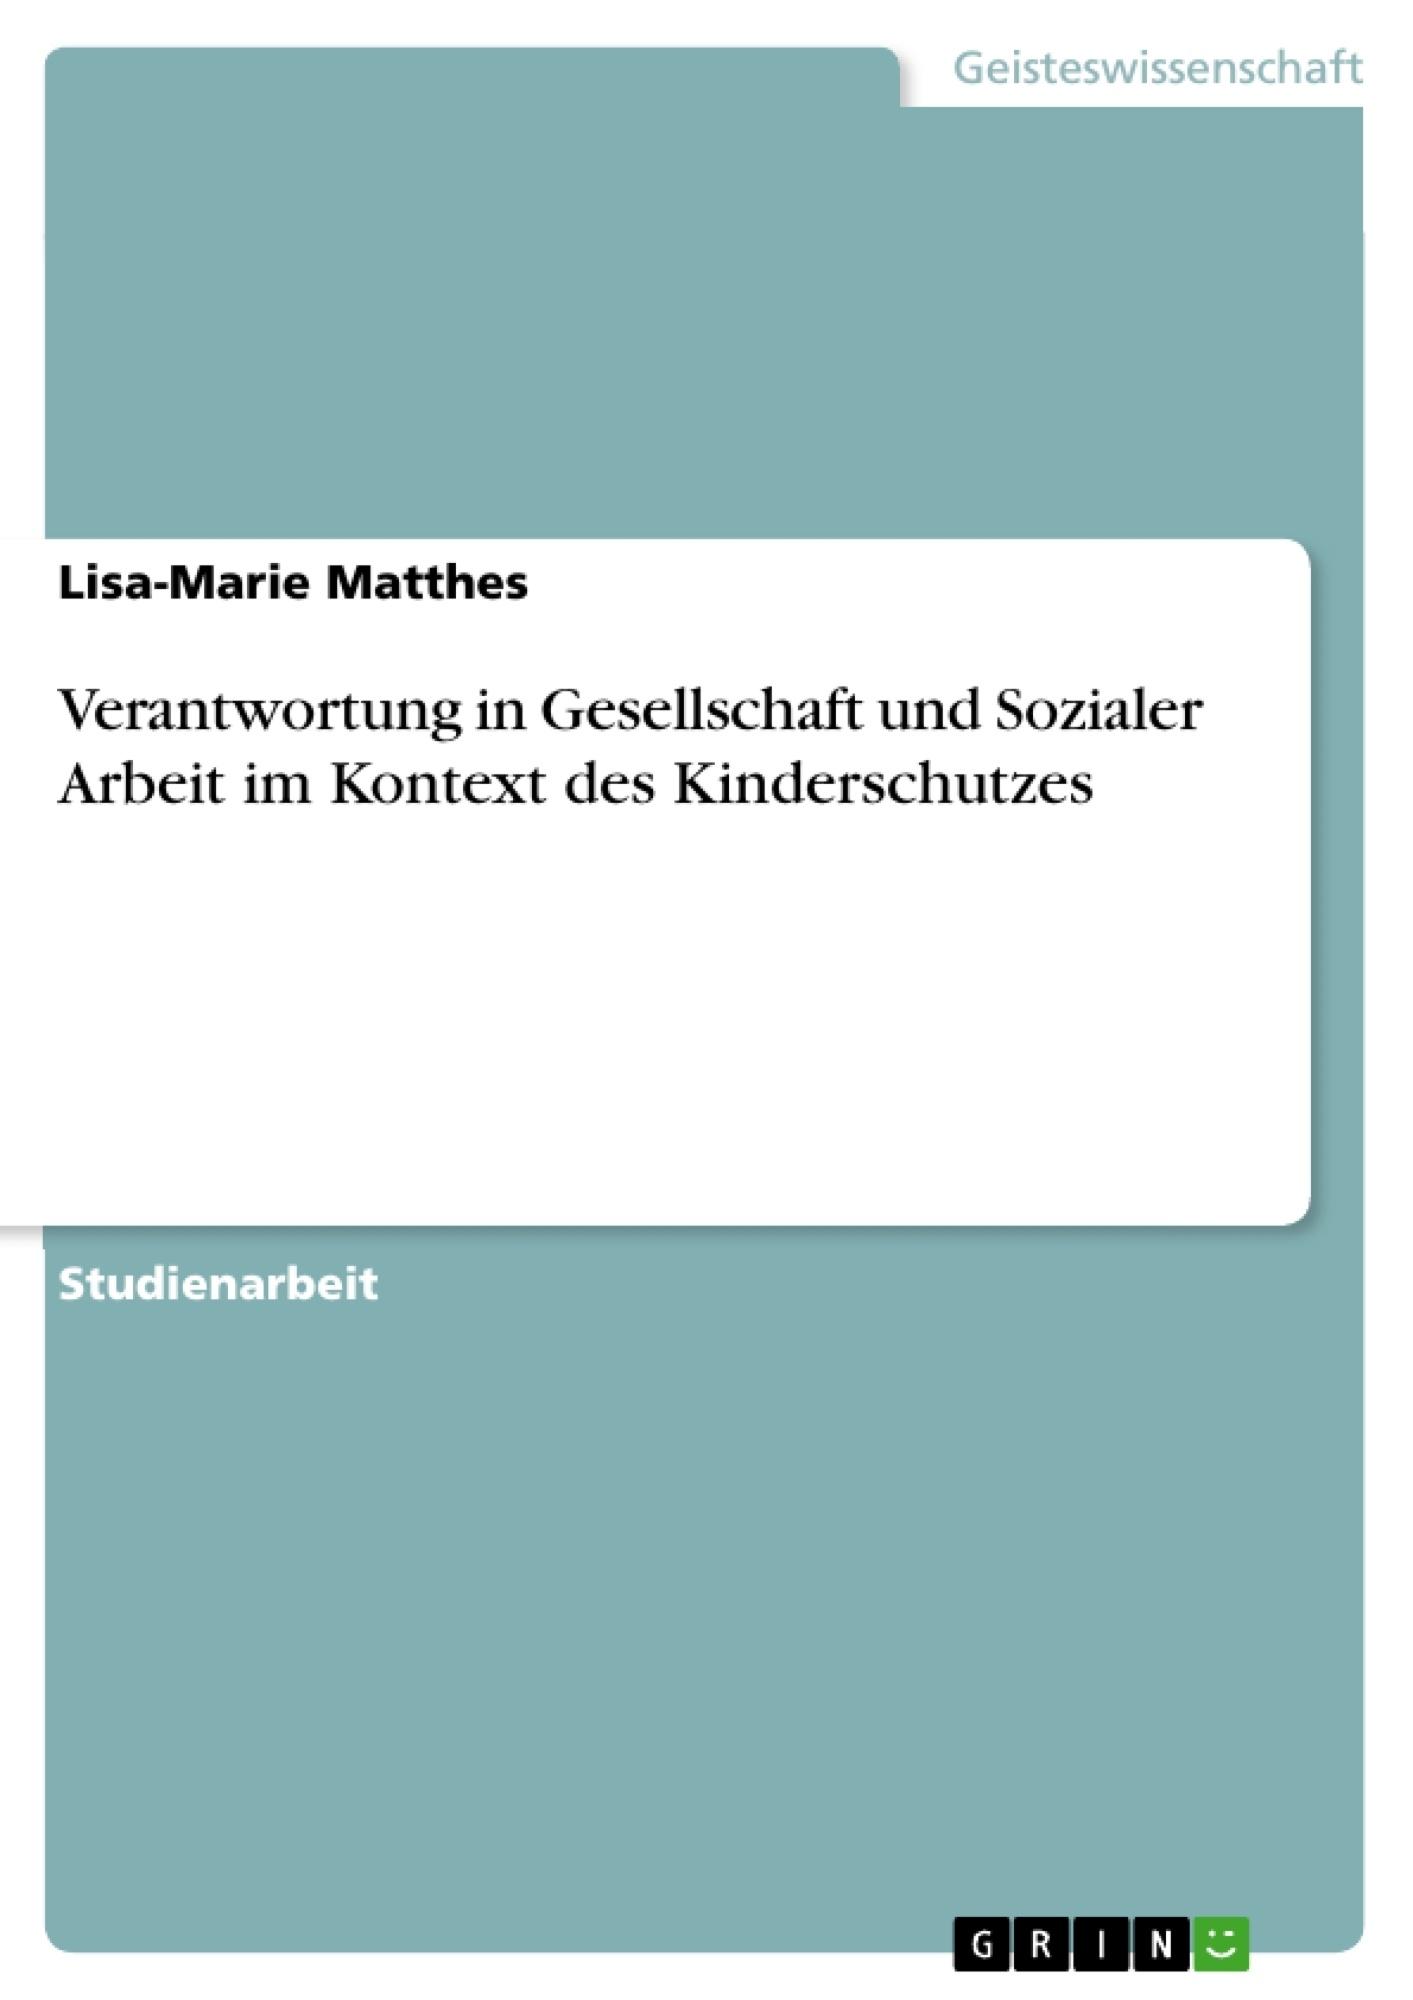 Titel: Verantwortung in Gesellschaft und Sozialer Arbeit im Kontext des Kinderschutzes